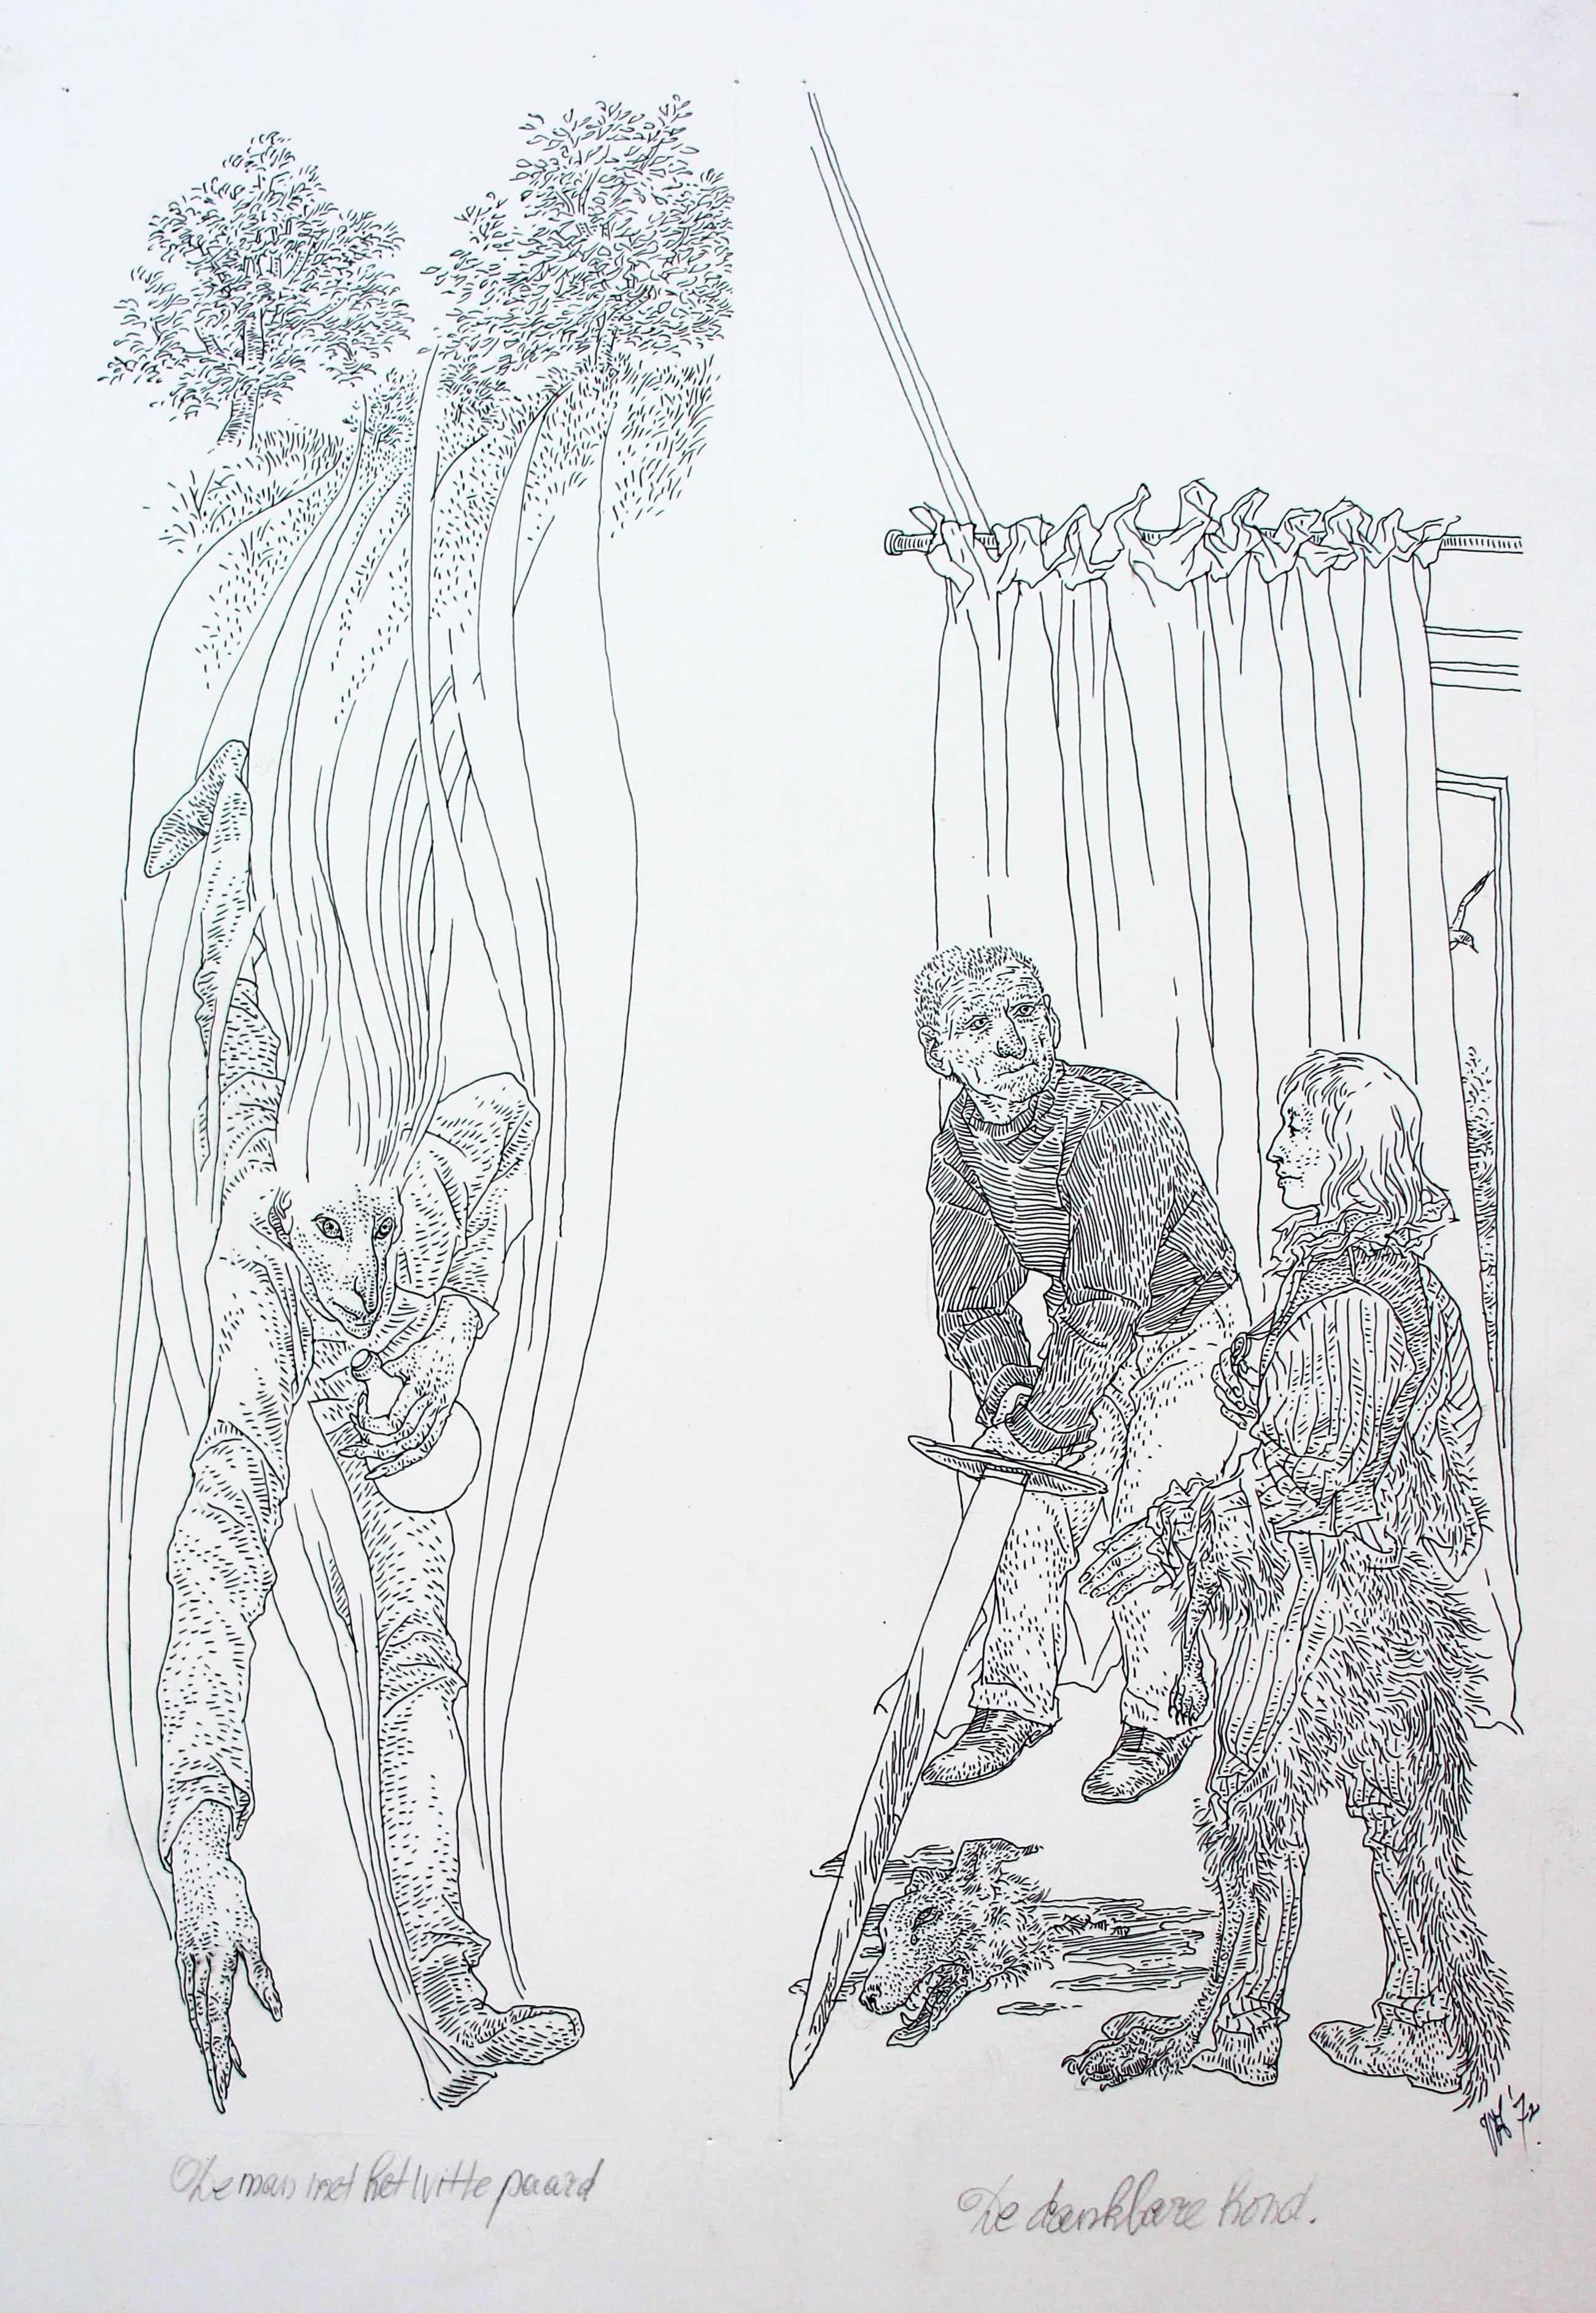 Peter Vos - 2 tekeningen: Illustraties voor een boek - 1972 kopen? Bied vanaf 475!